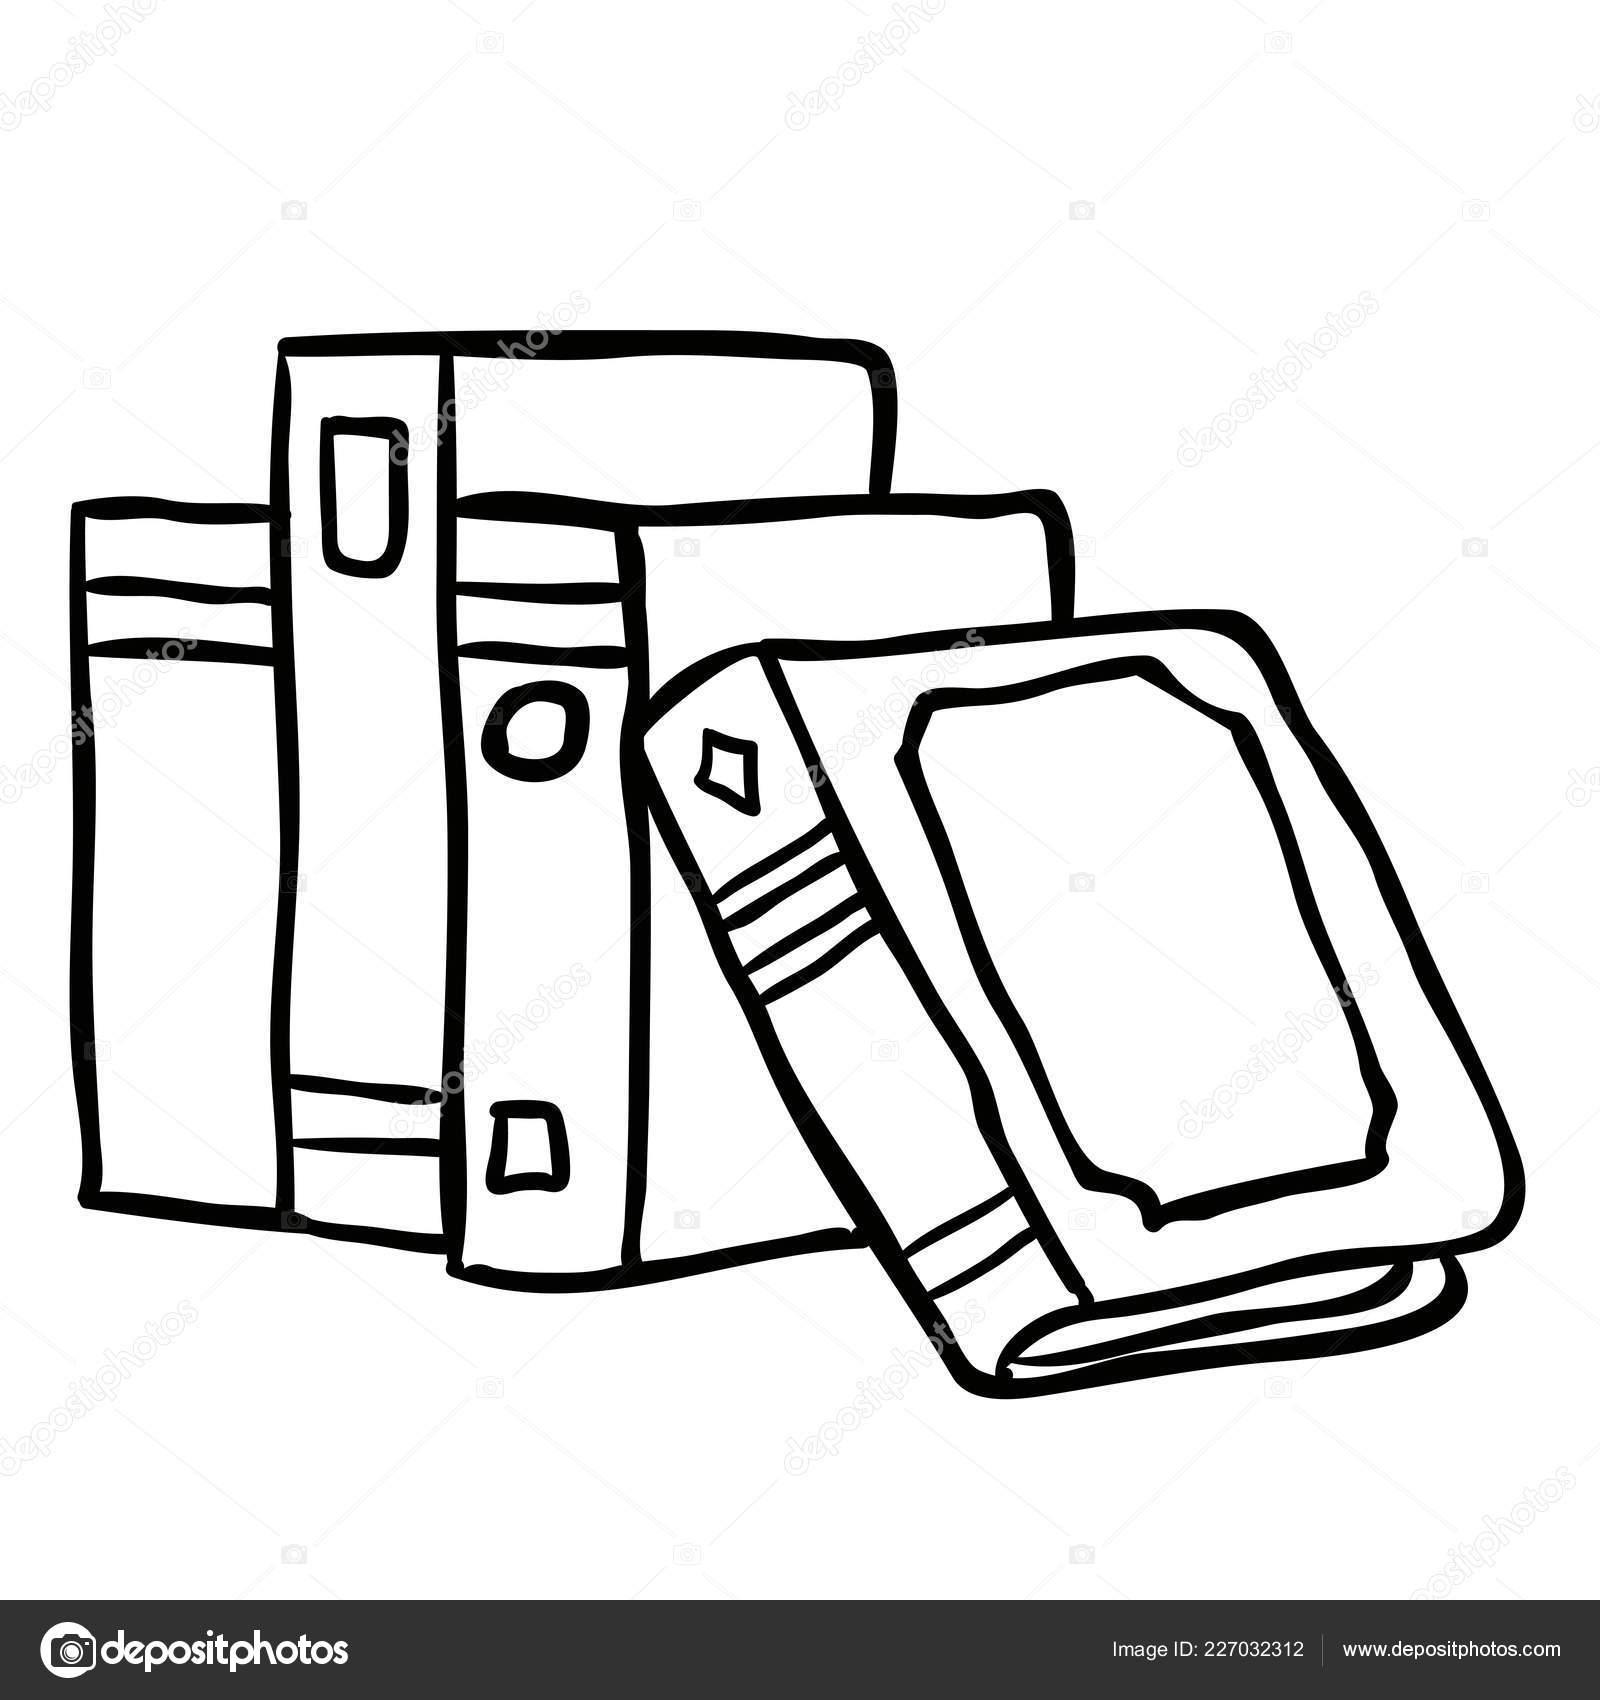 Gráfico Vectorial Encuadernación De Libros Imagen Vectorial Encuadernación De Libros Depositphotos